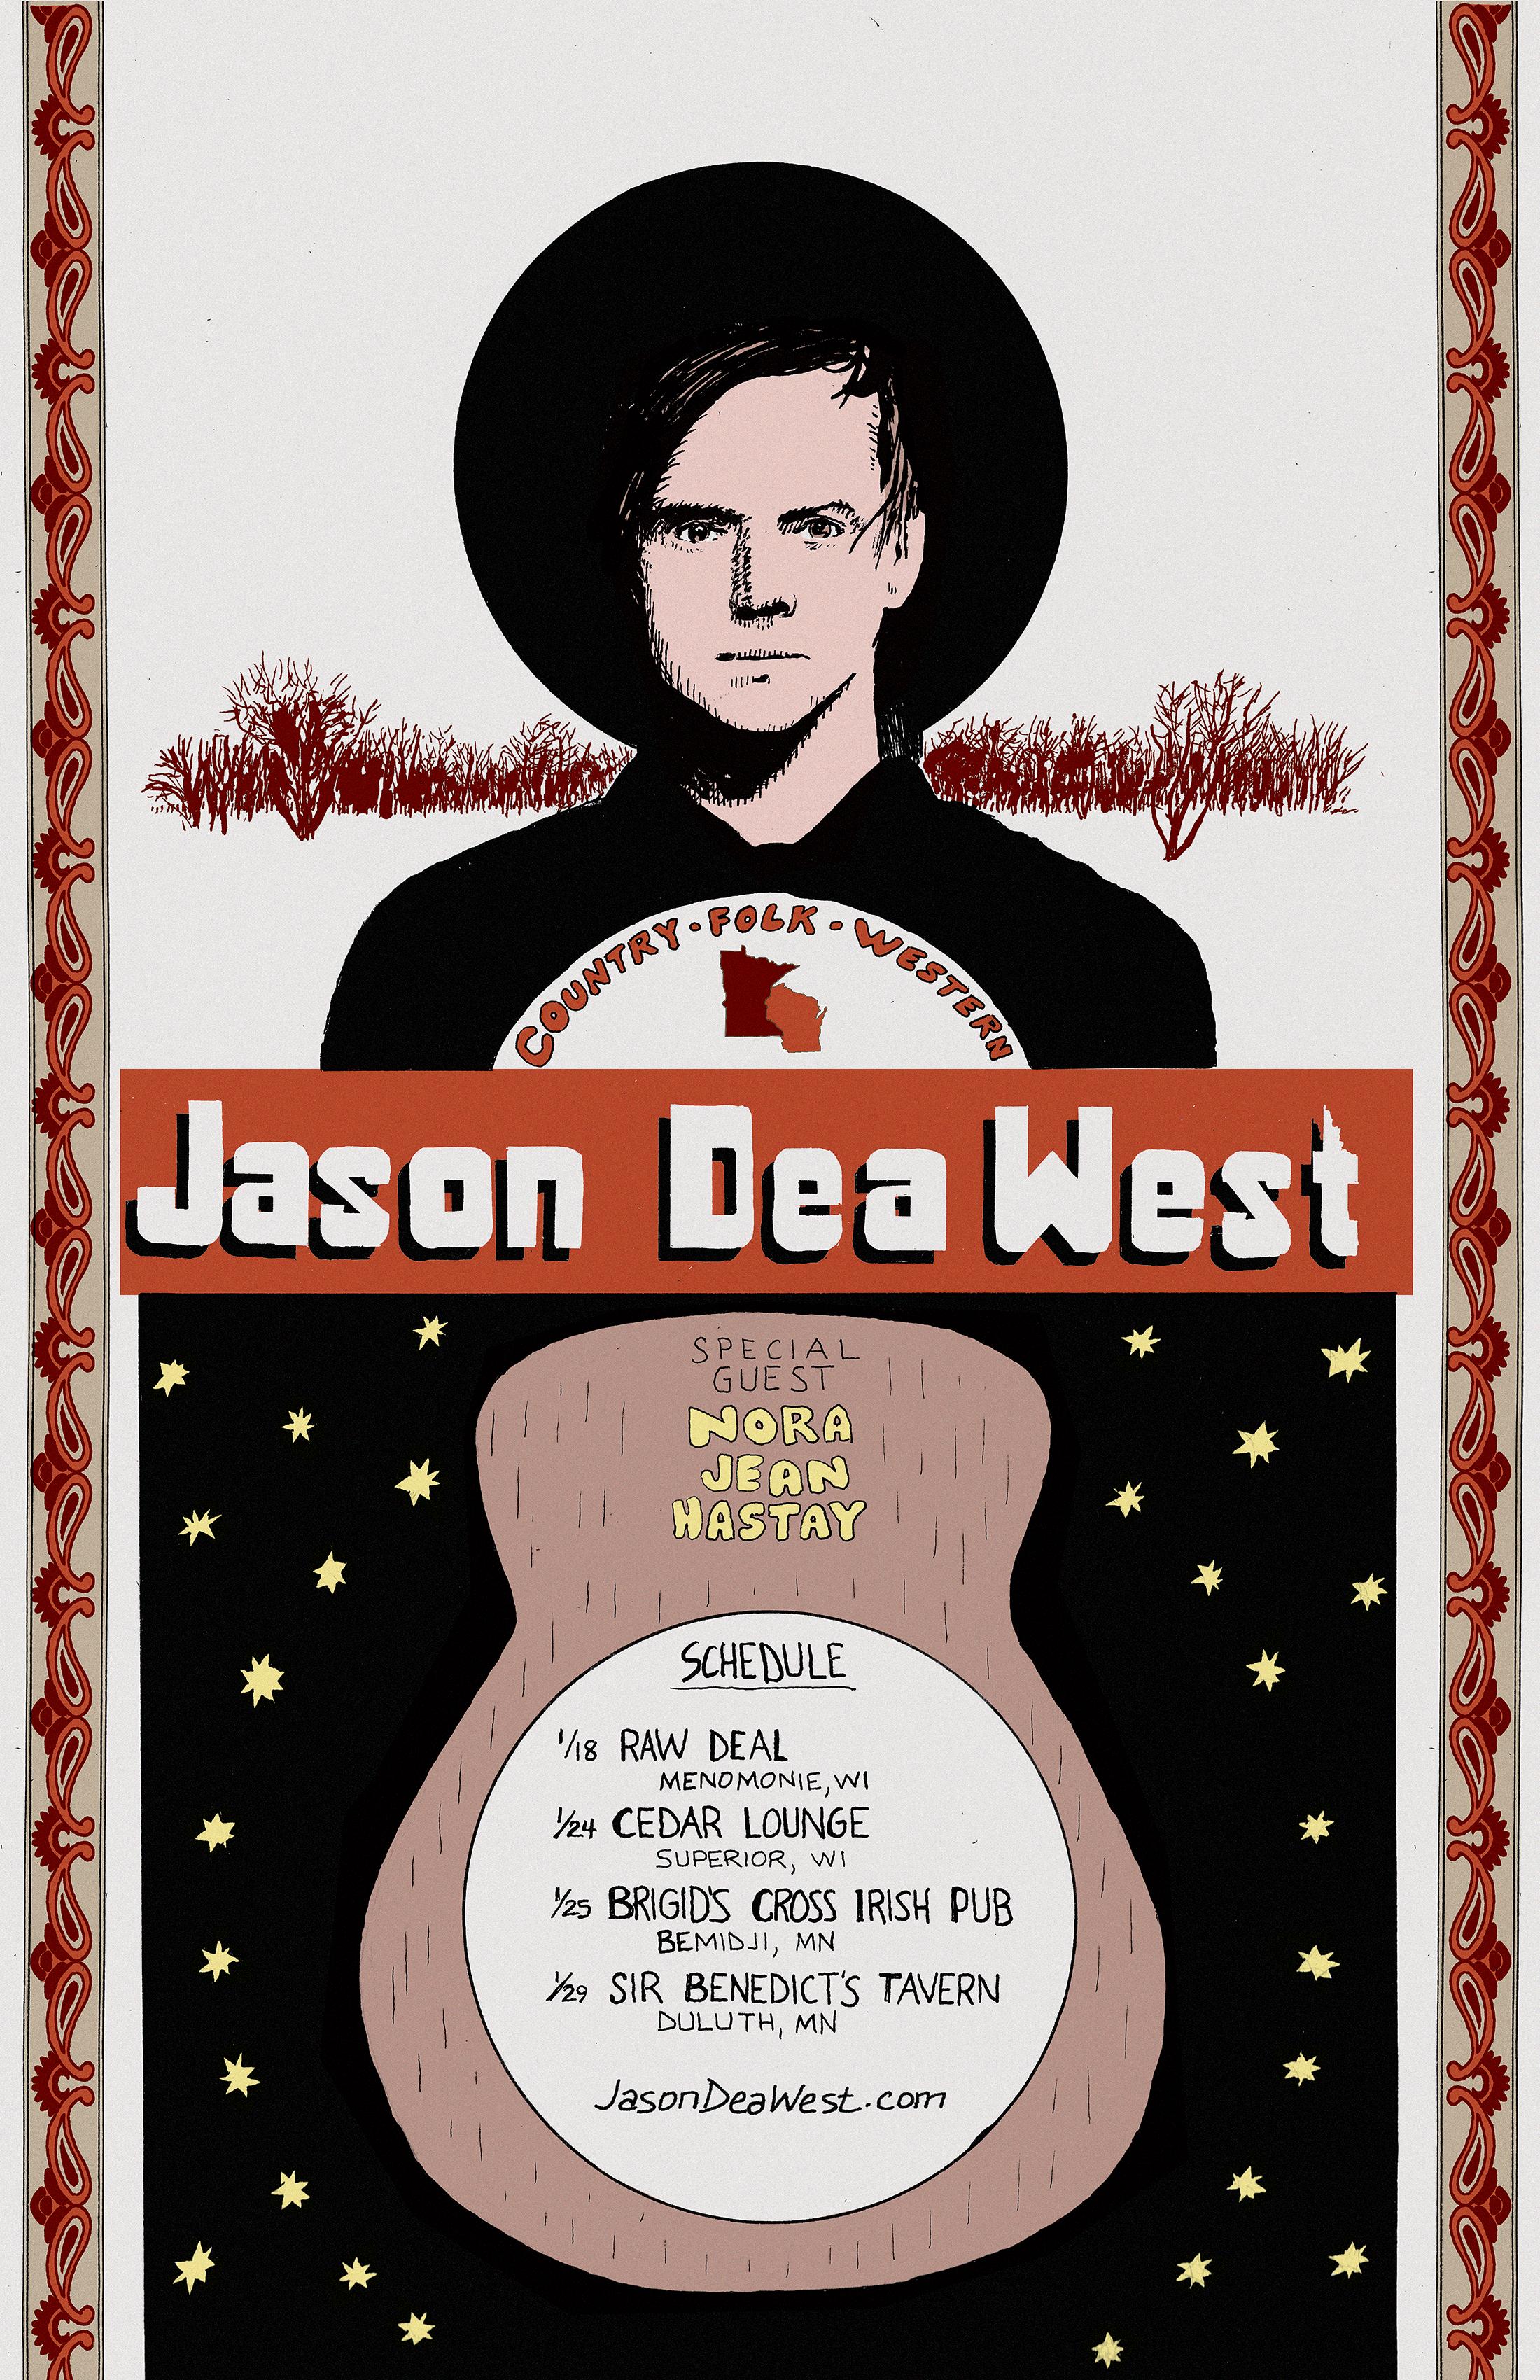 JasonDeaWestMidwestlowresrgb.jpg